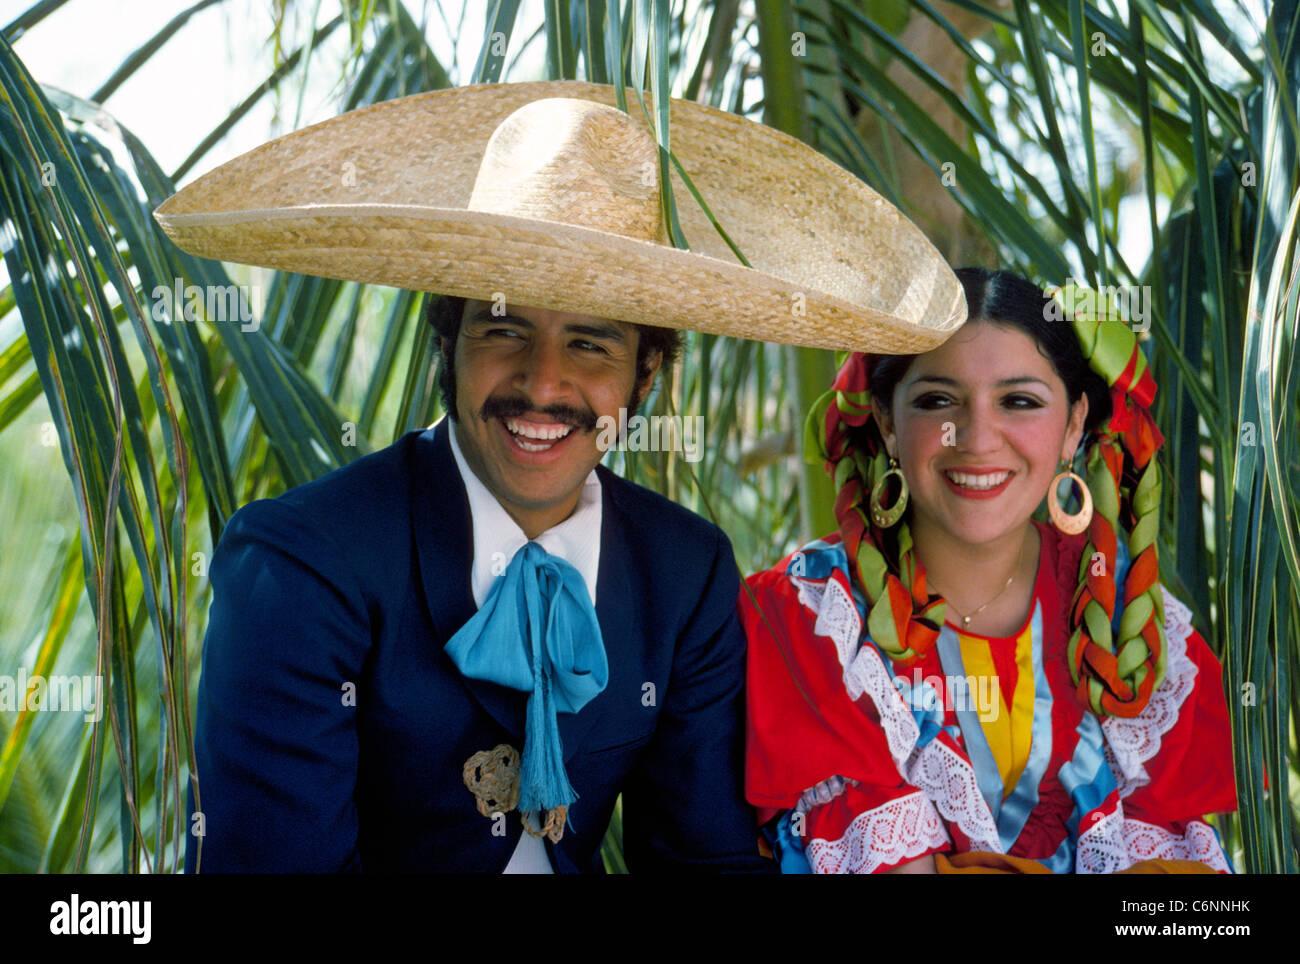 Una pareja de baile folklórico tradicional mexicano en sus trajes coloridos  relajarse en la sombra de 7eab25a9982